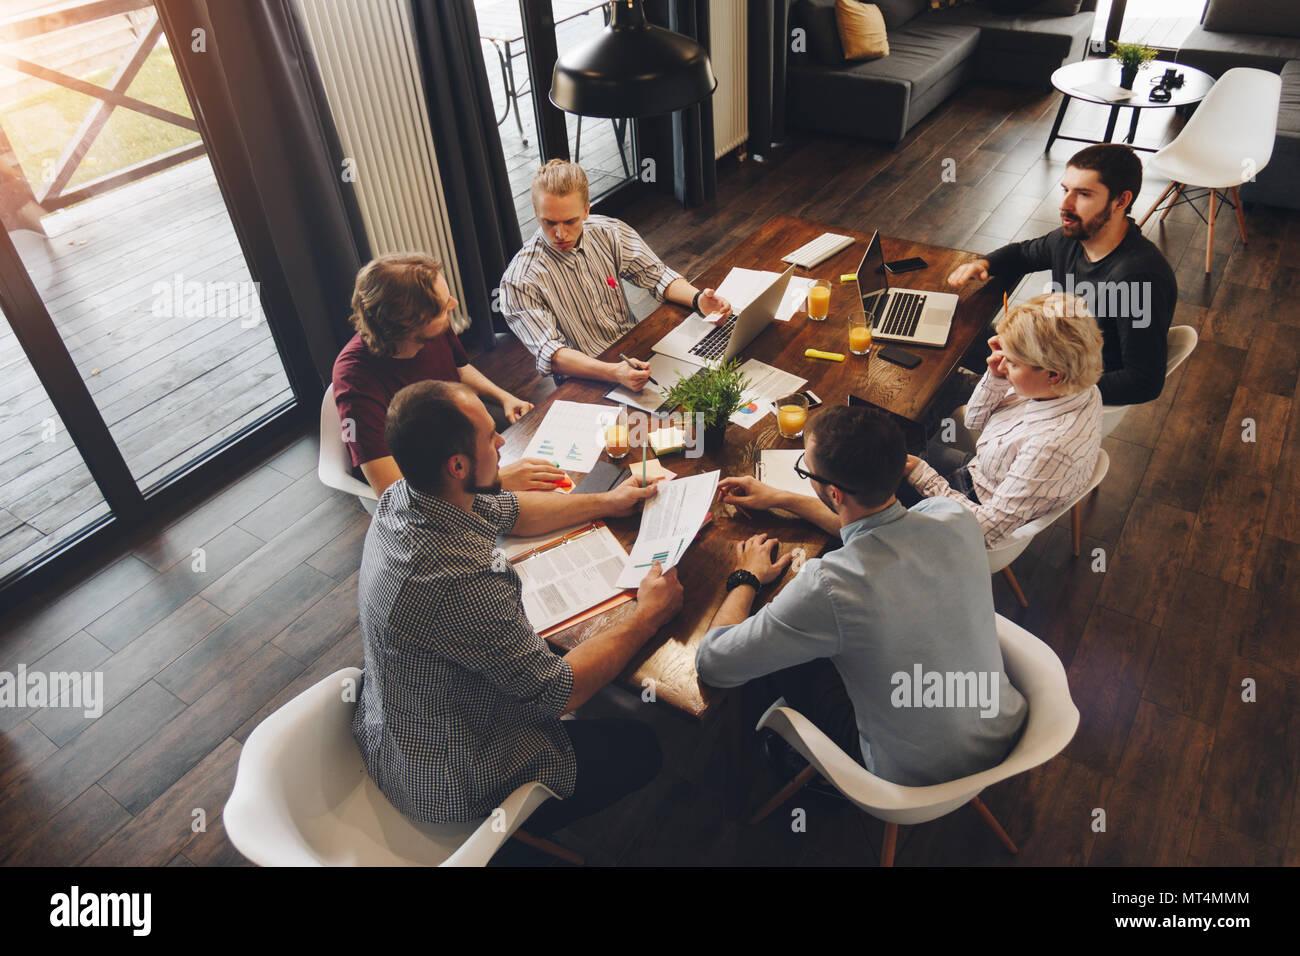 Employés d'entreprise créative travaillent sur de nouvelles discussions sur le démarrage et l'idée de développement des affaires. Les collègues s'asseoir autour de la table en bois et les travaux sur la Banque D'Images